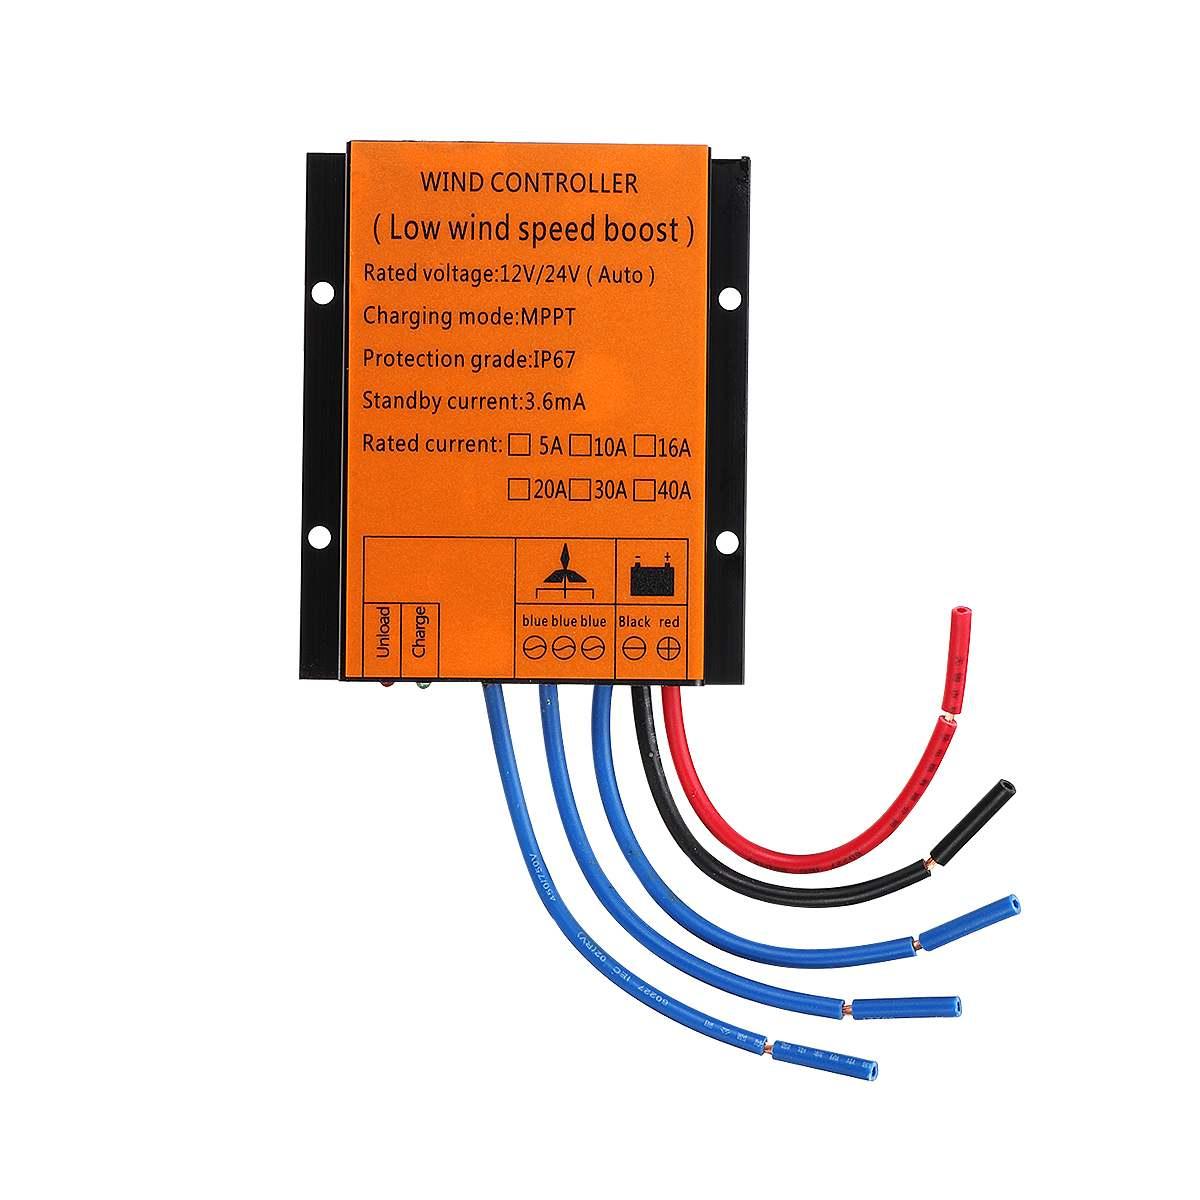 Слежением за максимальной точкой мощности, ветровые турбины генератора контроллер заряда 2000/3000/4000/5000 Вт 12/24V Авто со слежением за максимальной точкой мощности, Водонепроницаемый светодиодный Защита от перенапряжения